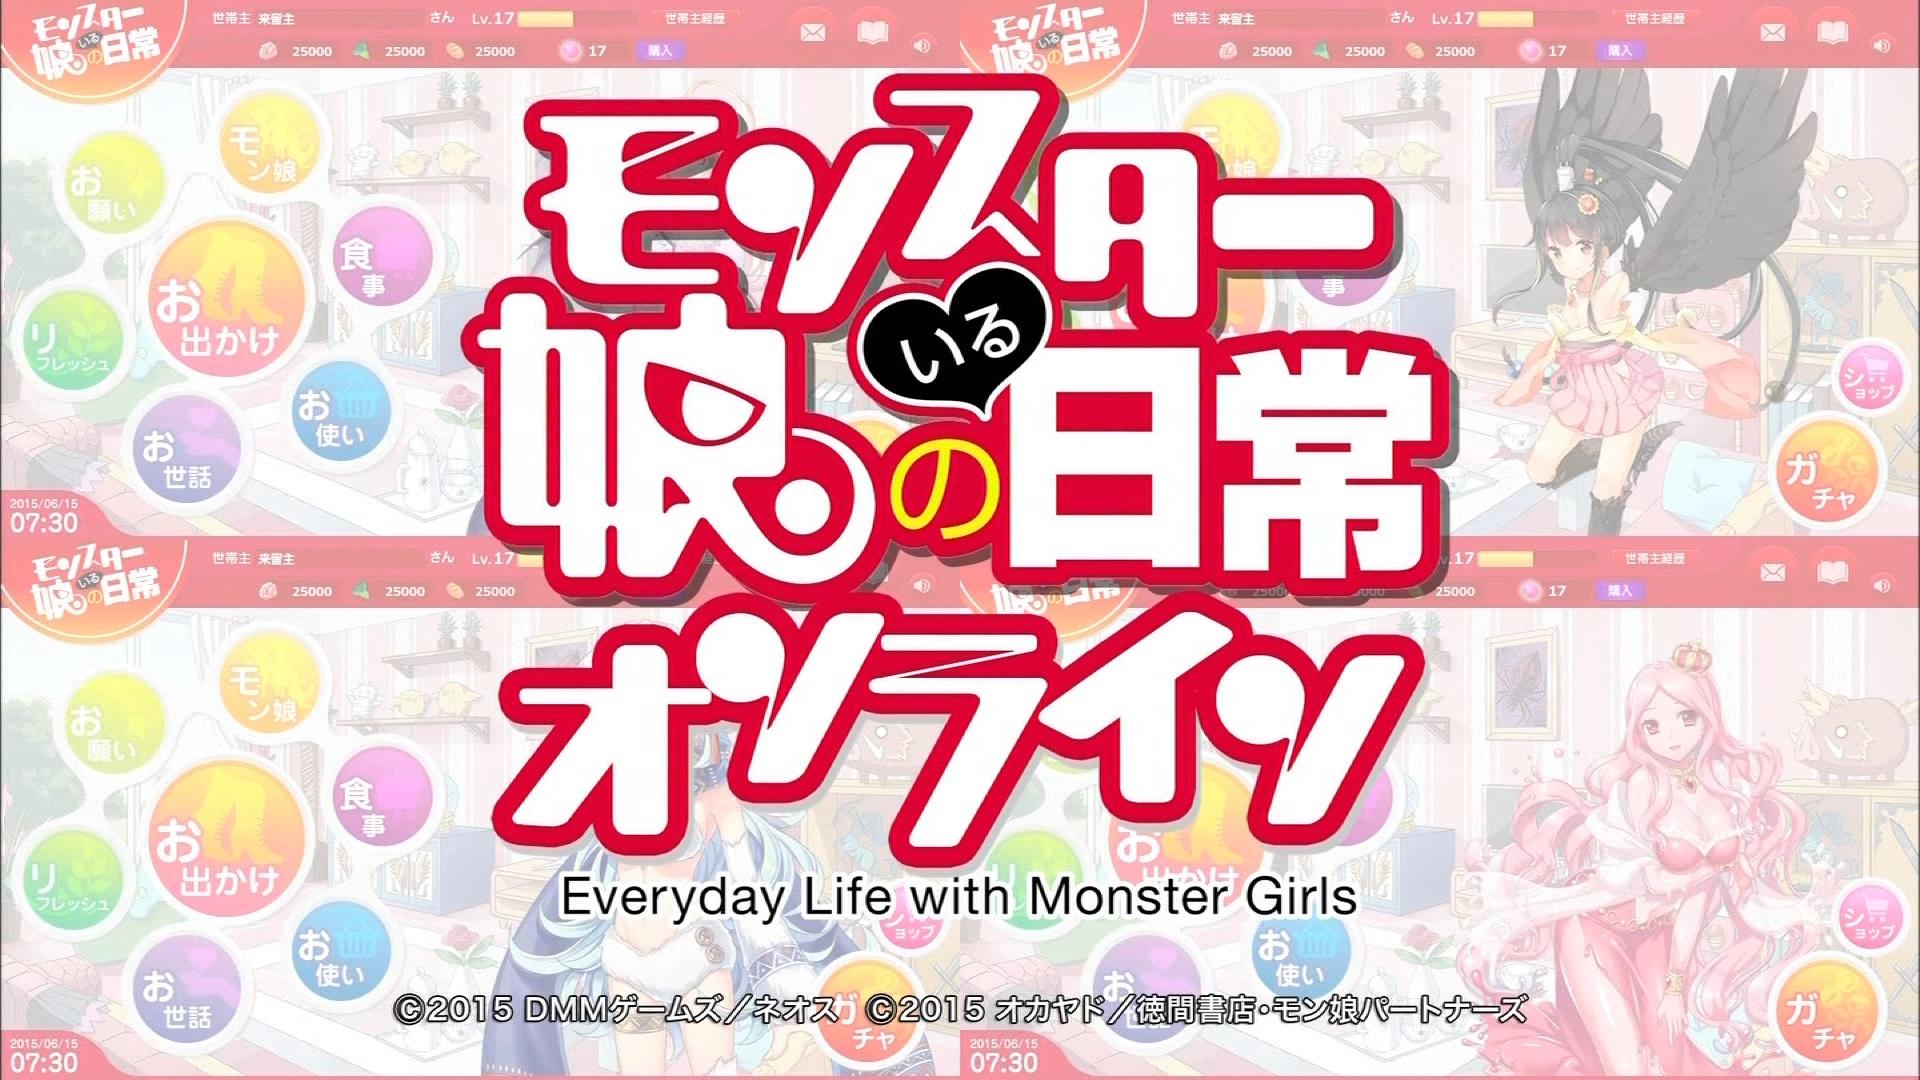 基本プレイ無料の新作ブラウザコミュニケーションゲーム 『モンスター娘のいる日常オンライン』